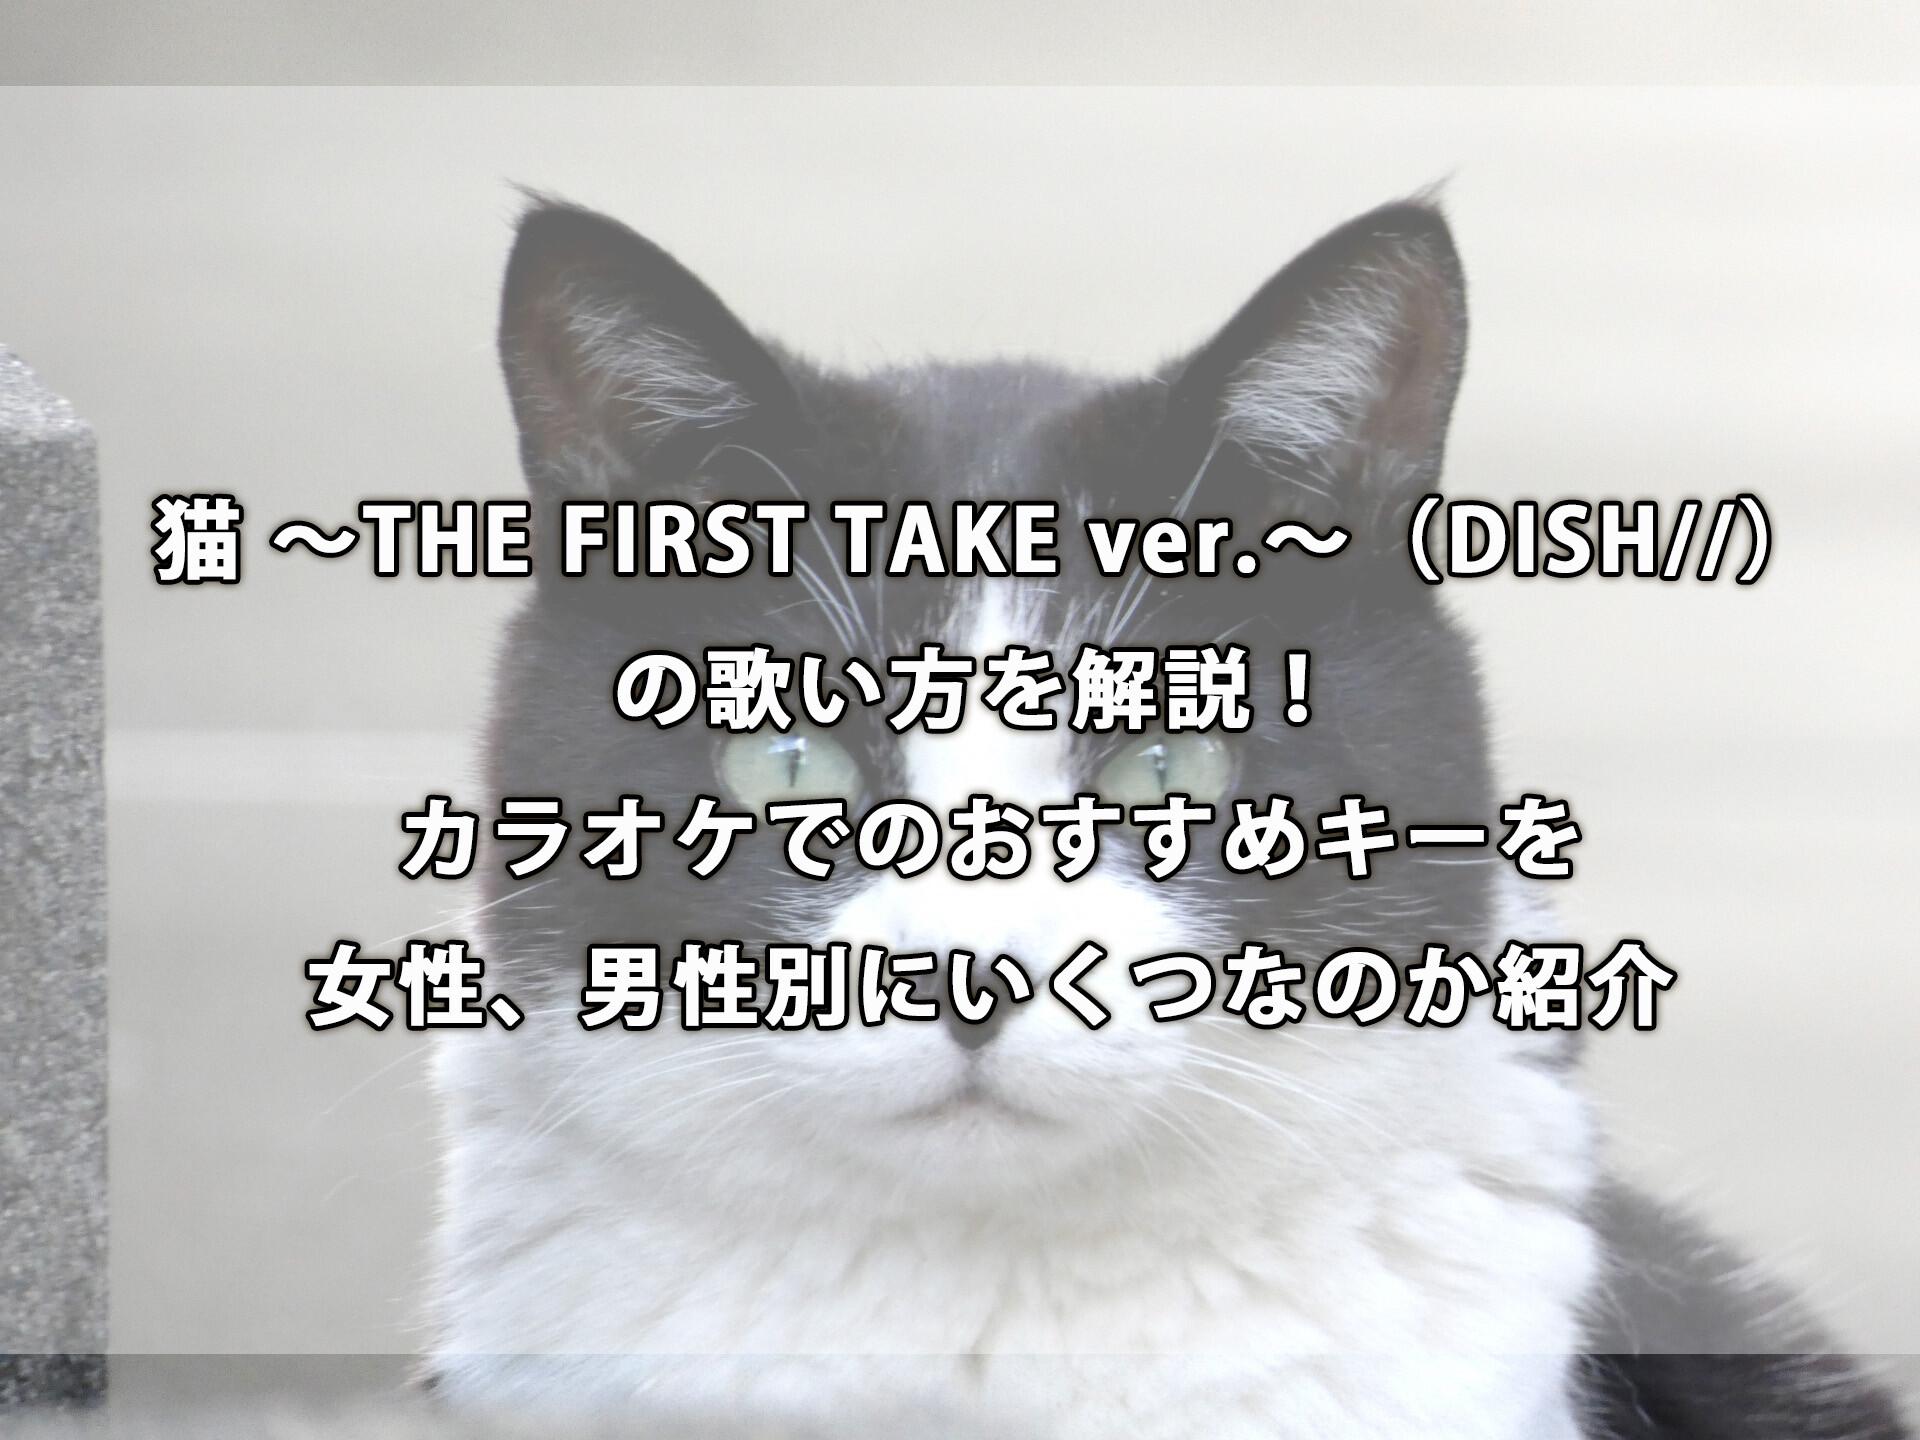 猫 歌詞 dish DISH//